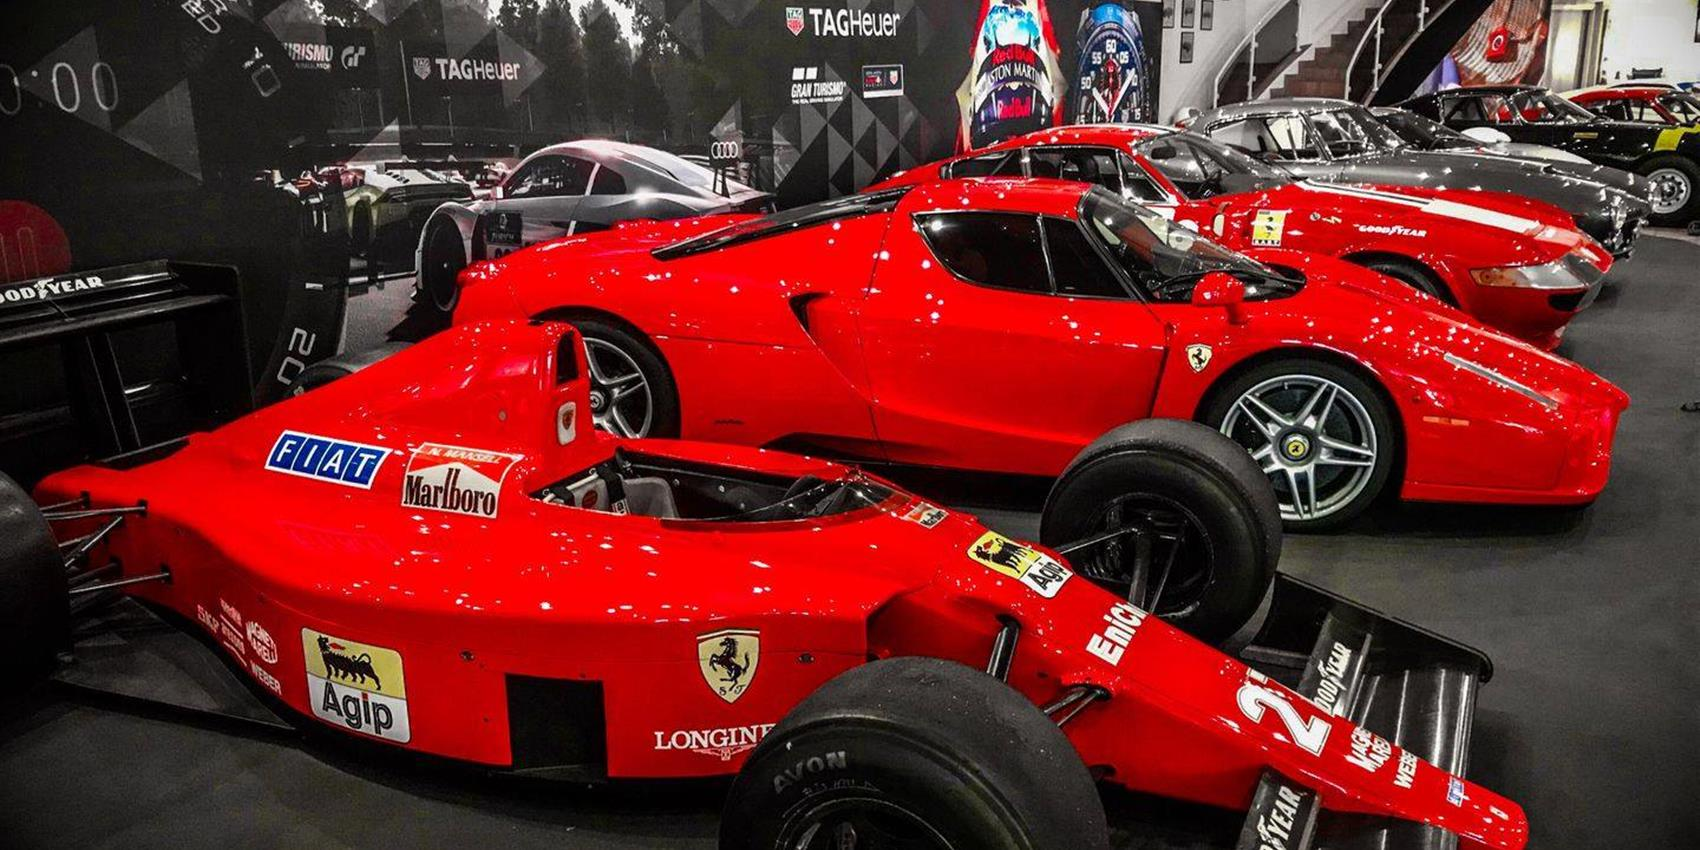 Unique exhibition of Ferrari vehicles